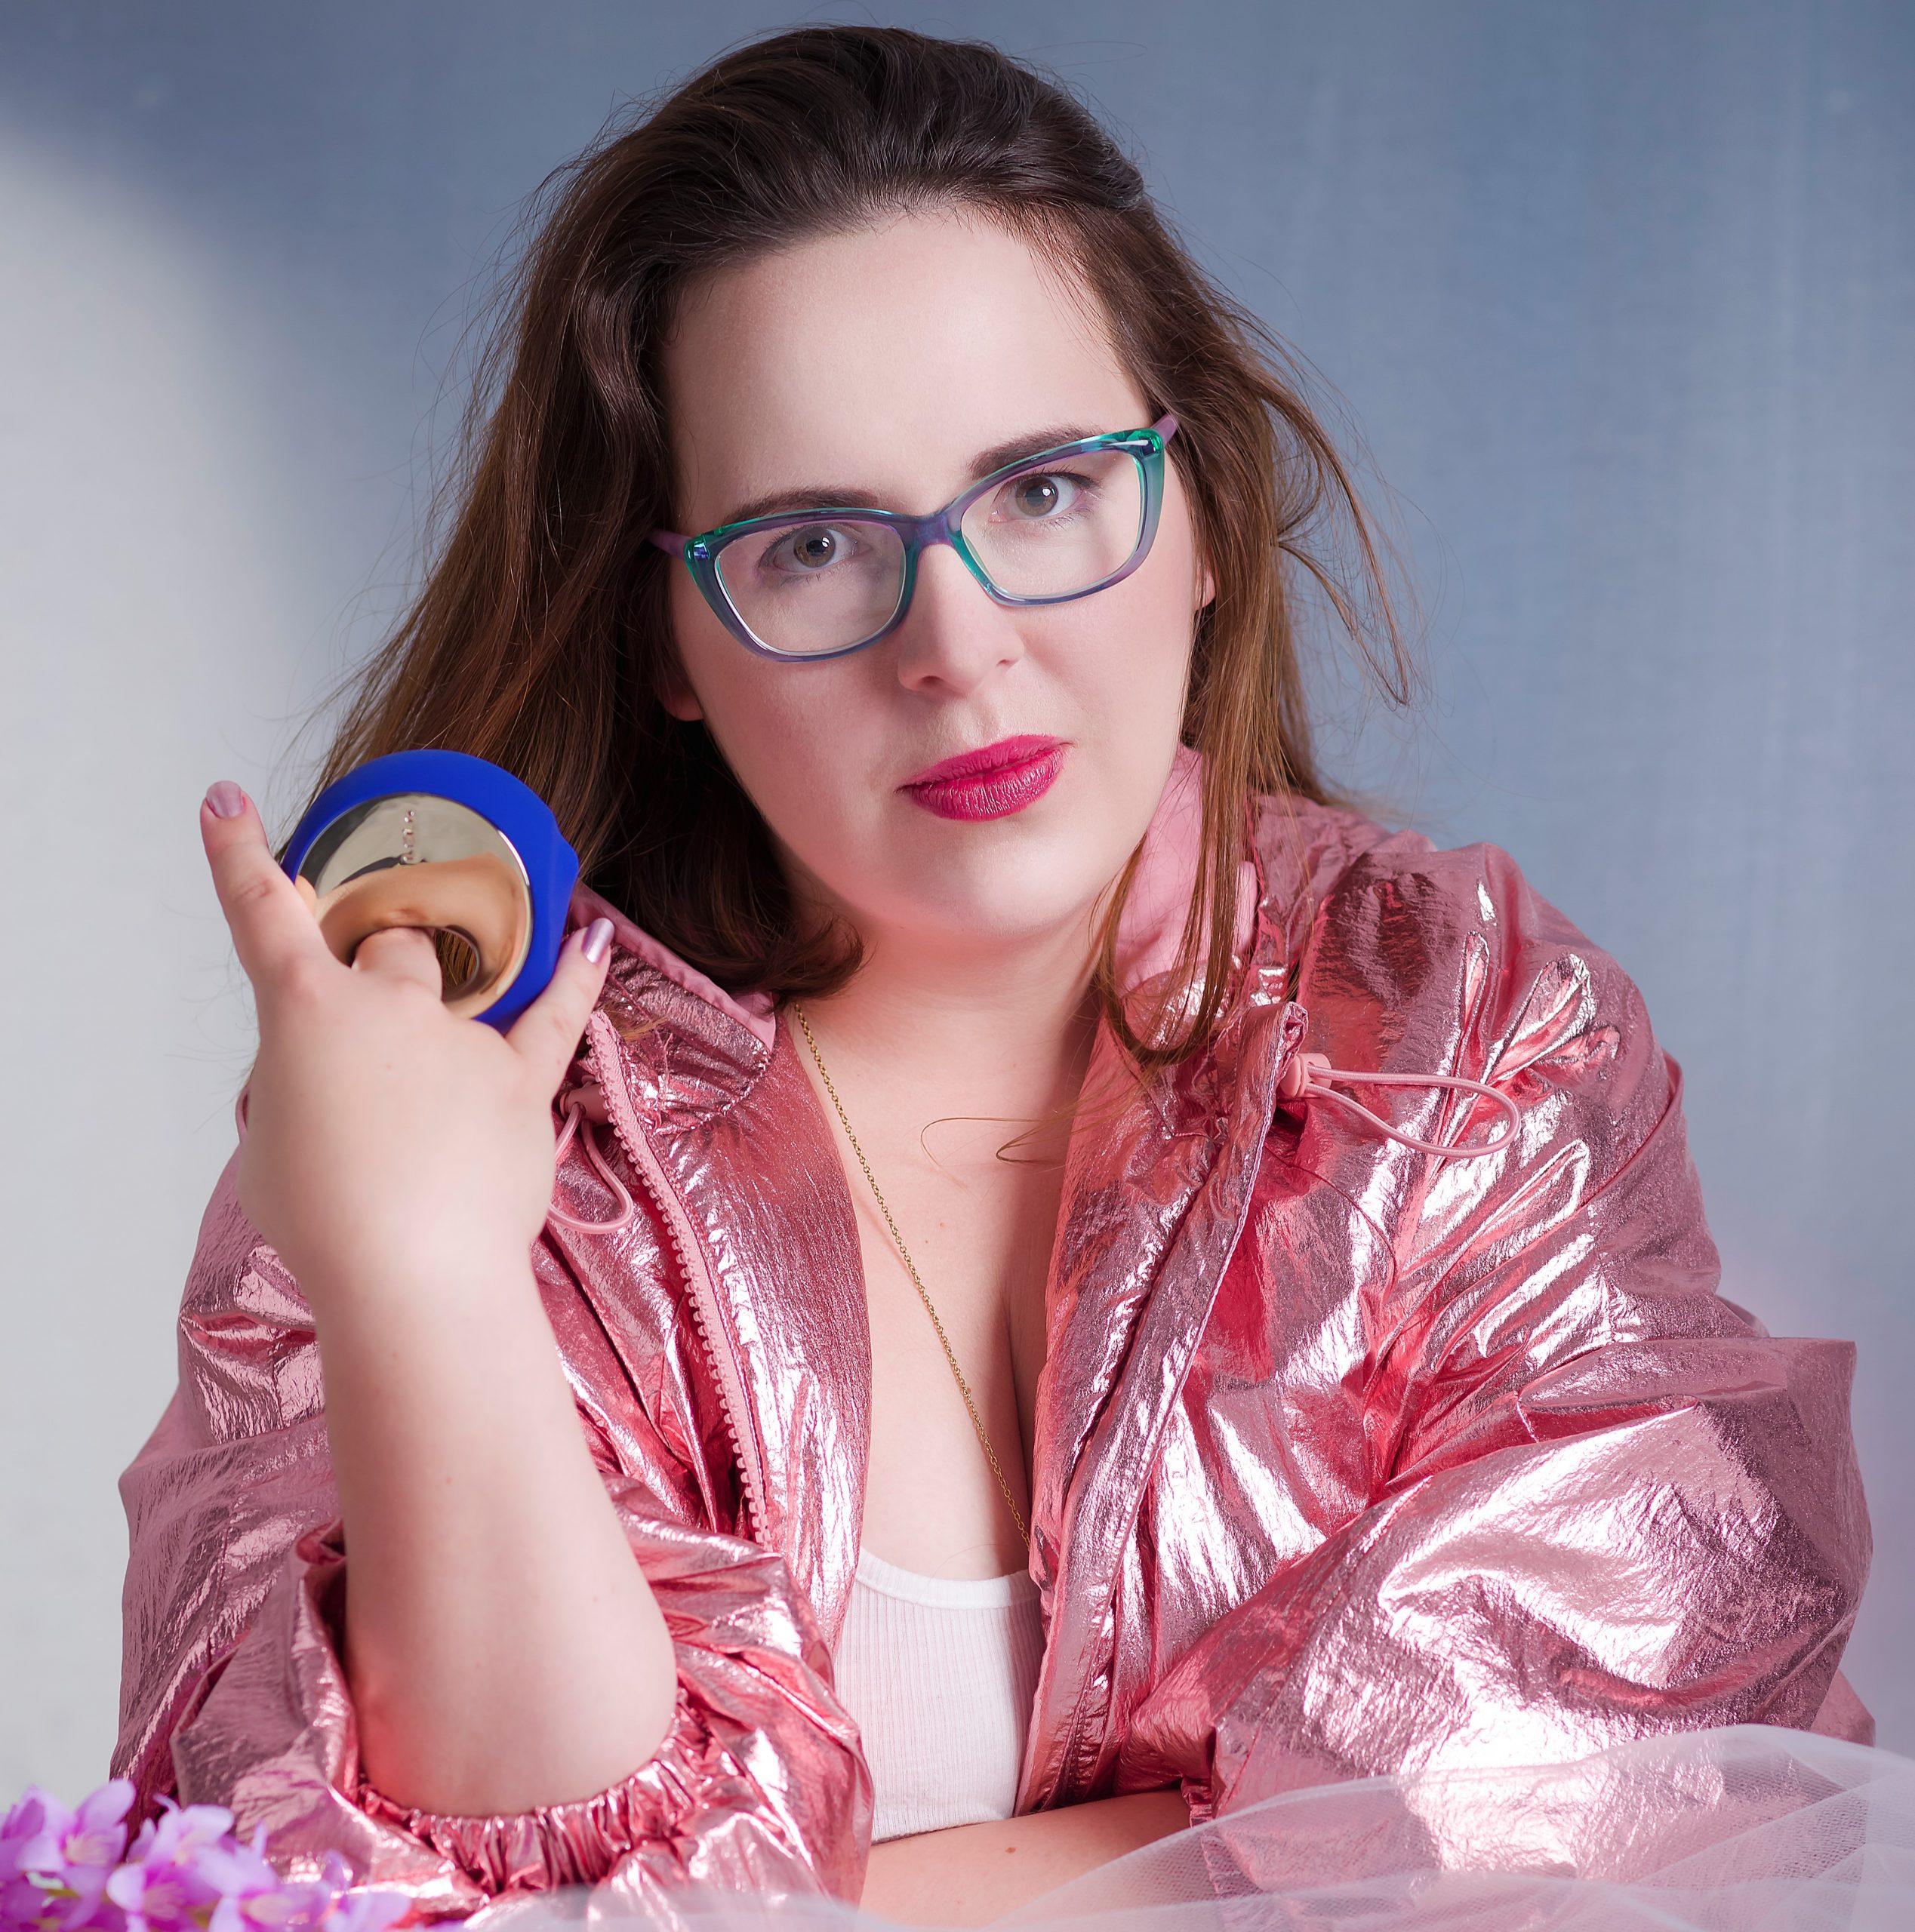 Natalia Grubizna - Proseksualna - wywiad